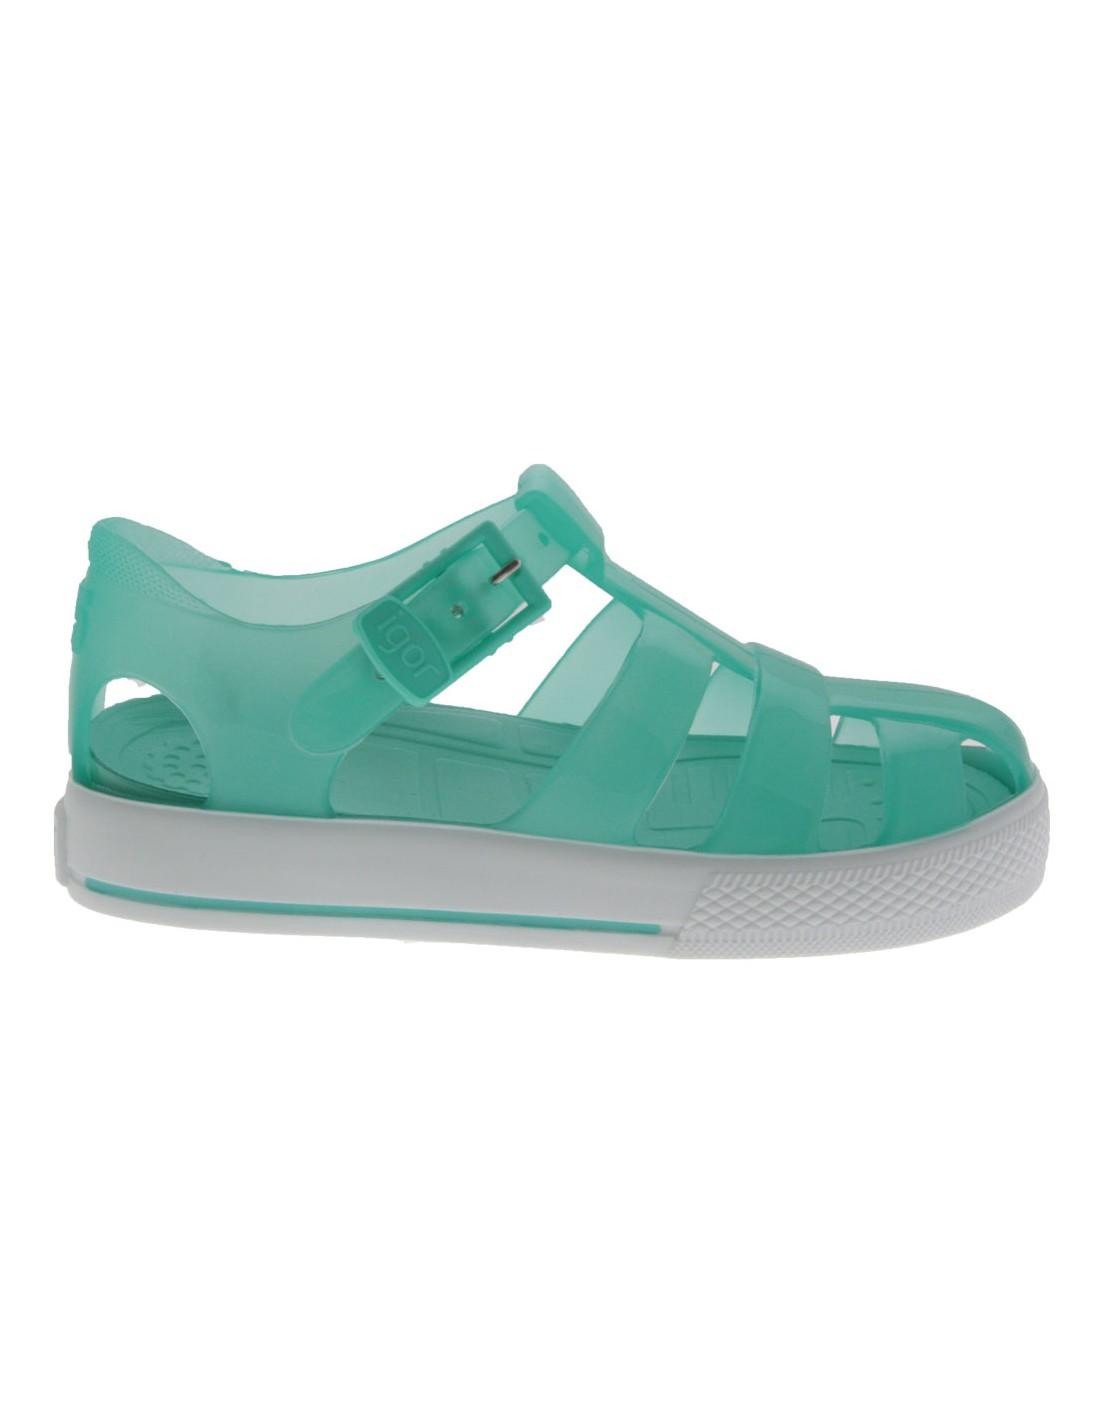 Verde Sandalo Tenis Bambino Igor Bambina 3L54AjqR